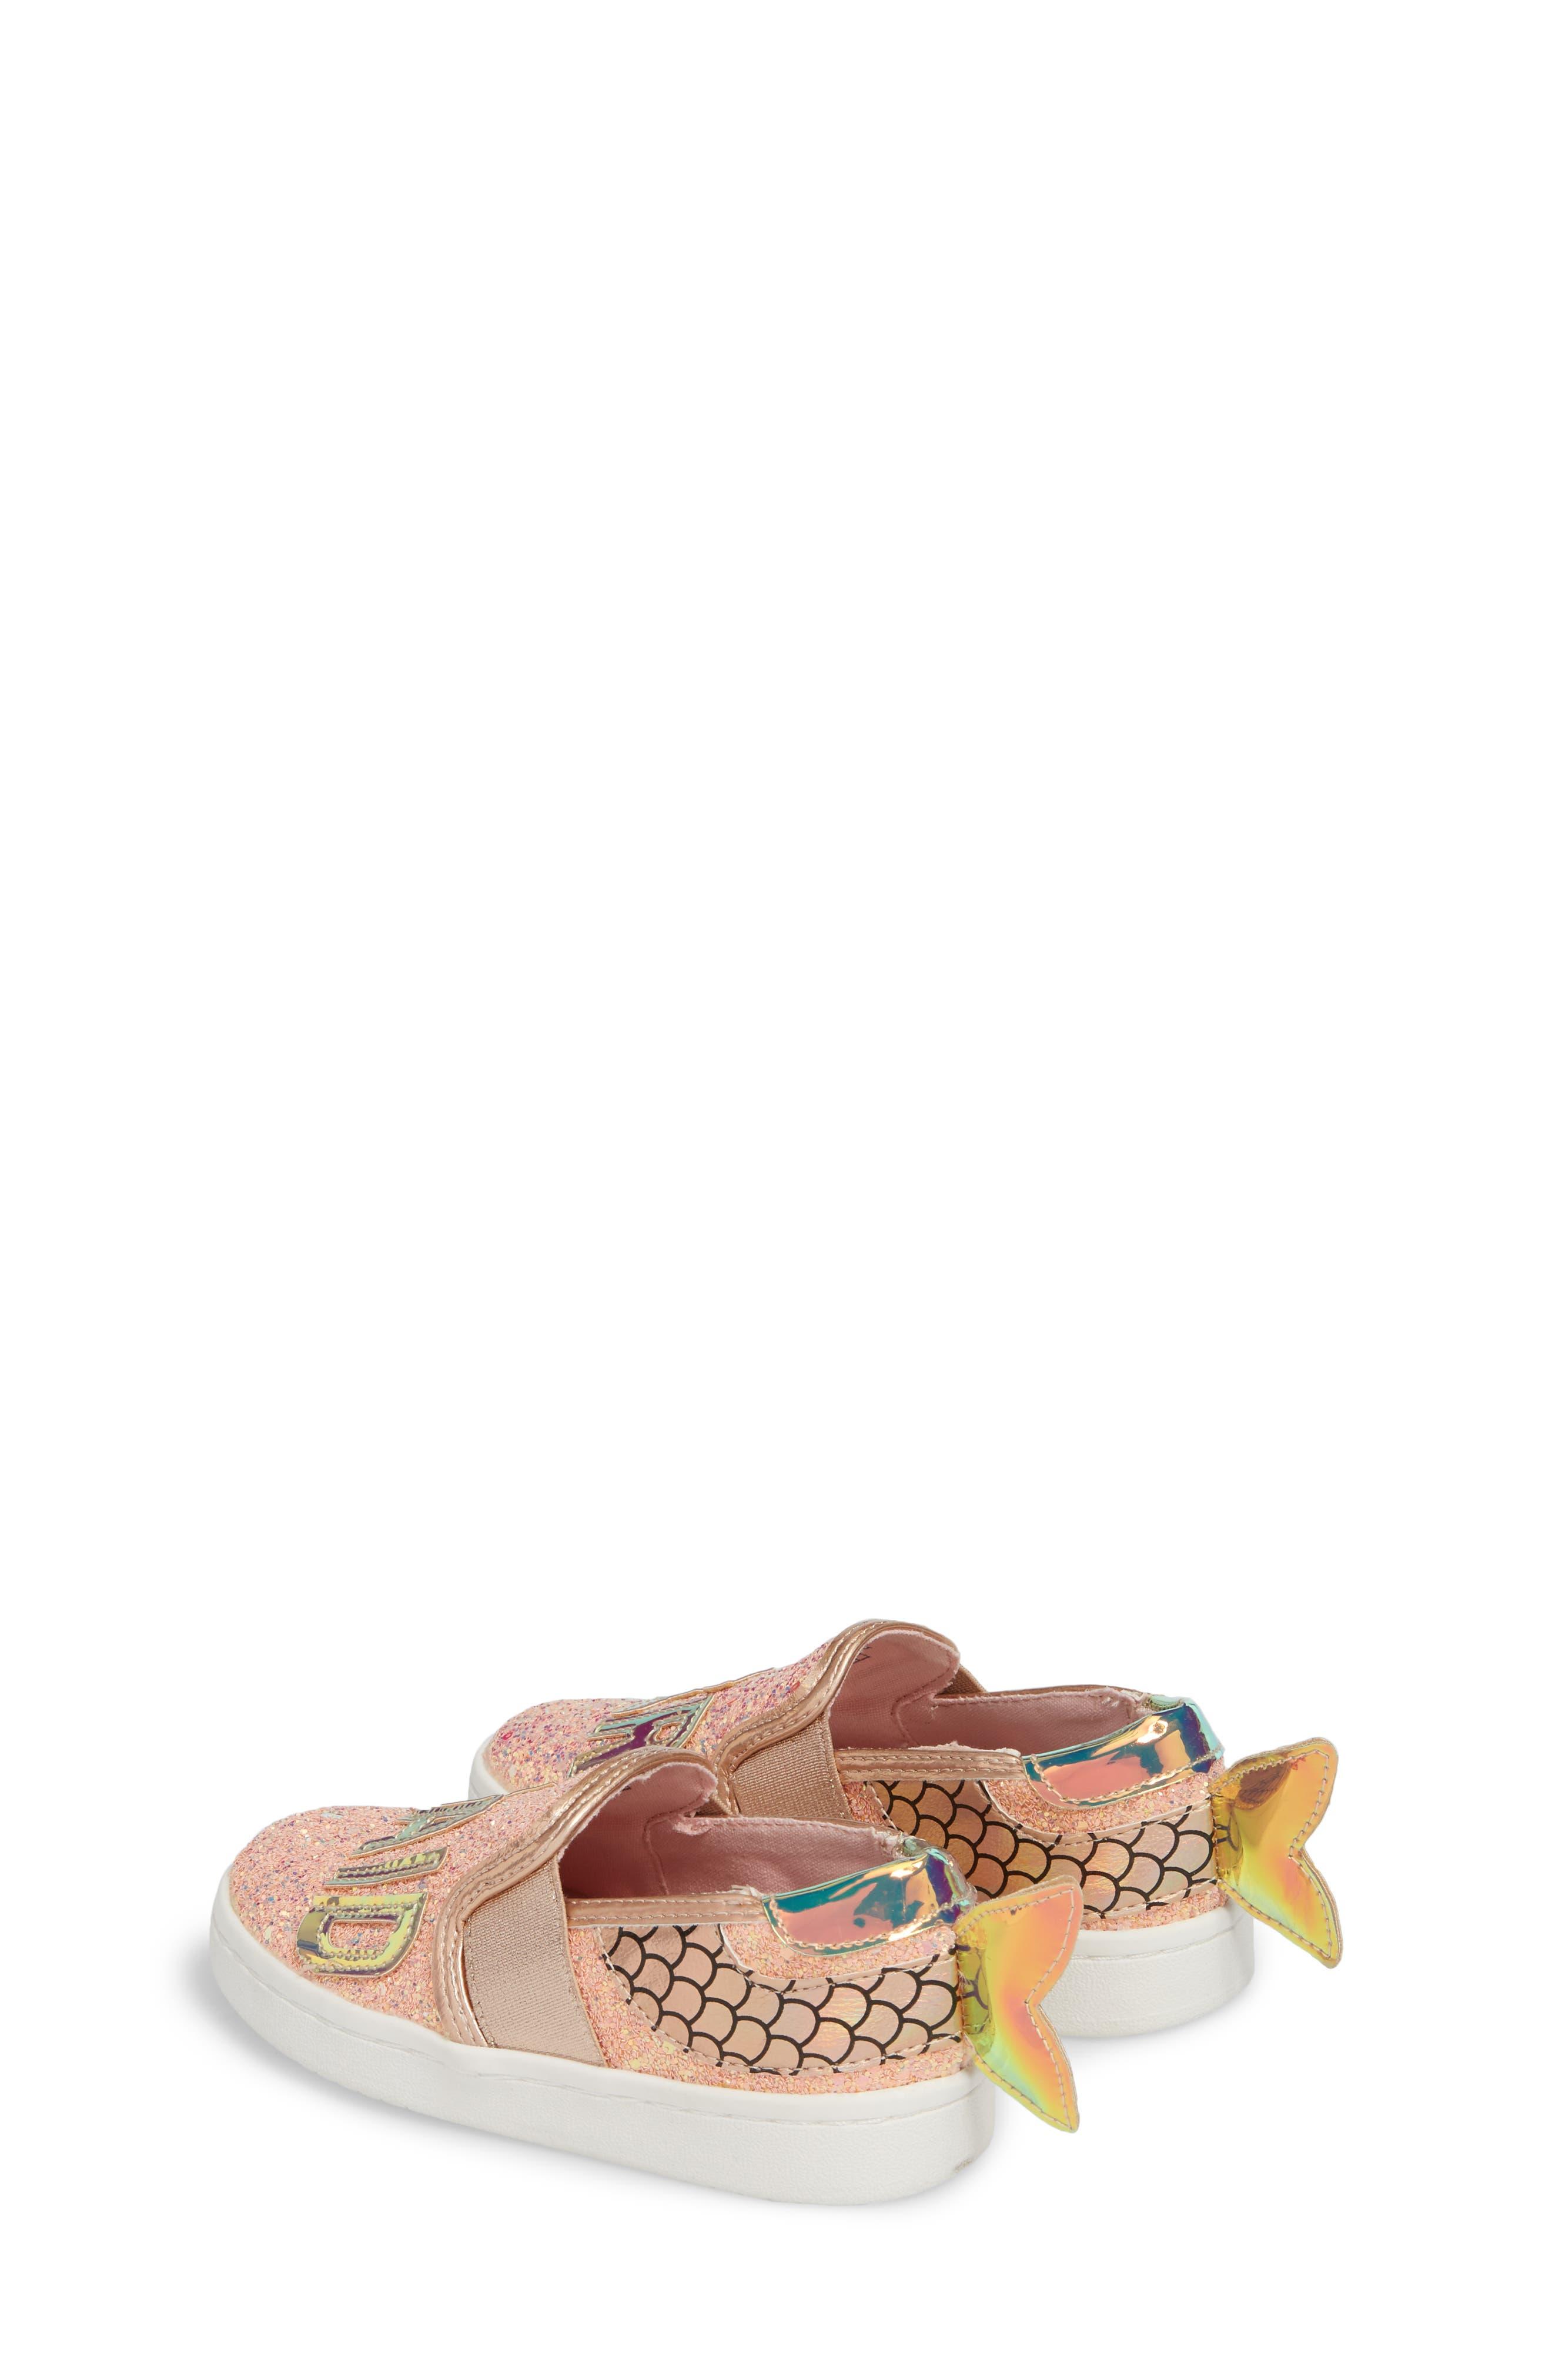 Blane Slip-On Sneaker,                             Alternate thumbnail 3, color,                             220